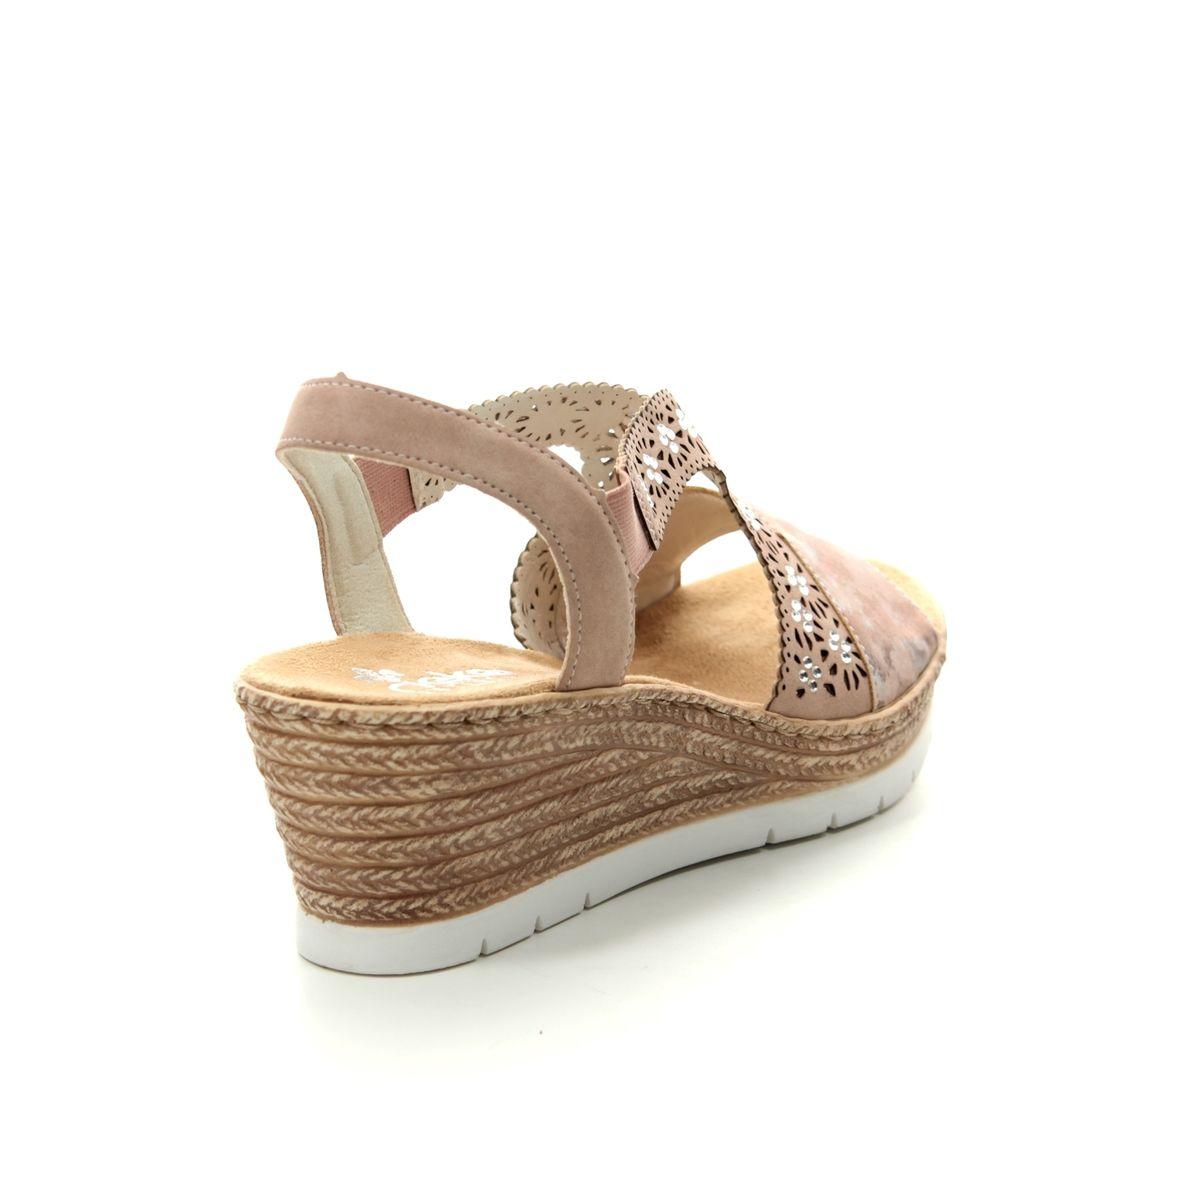 e3aaa7533d8e Rieker Wedge Sandals - ROSE - 61916-31 HYFAWN